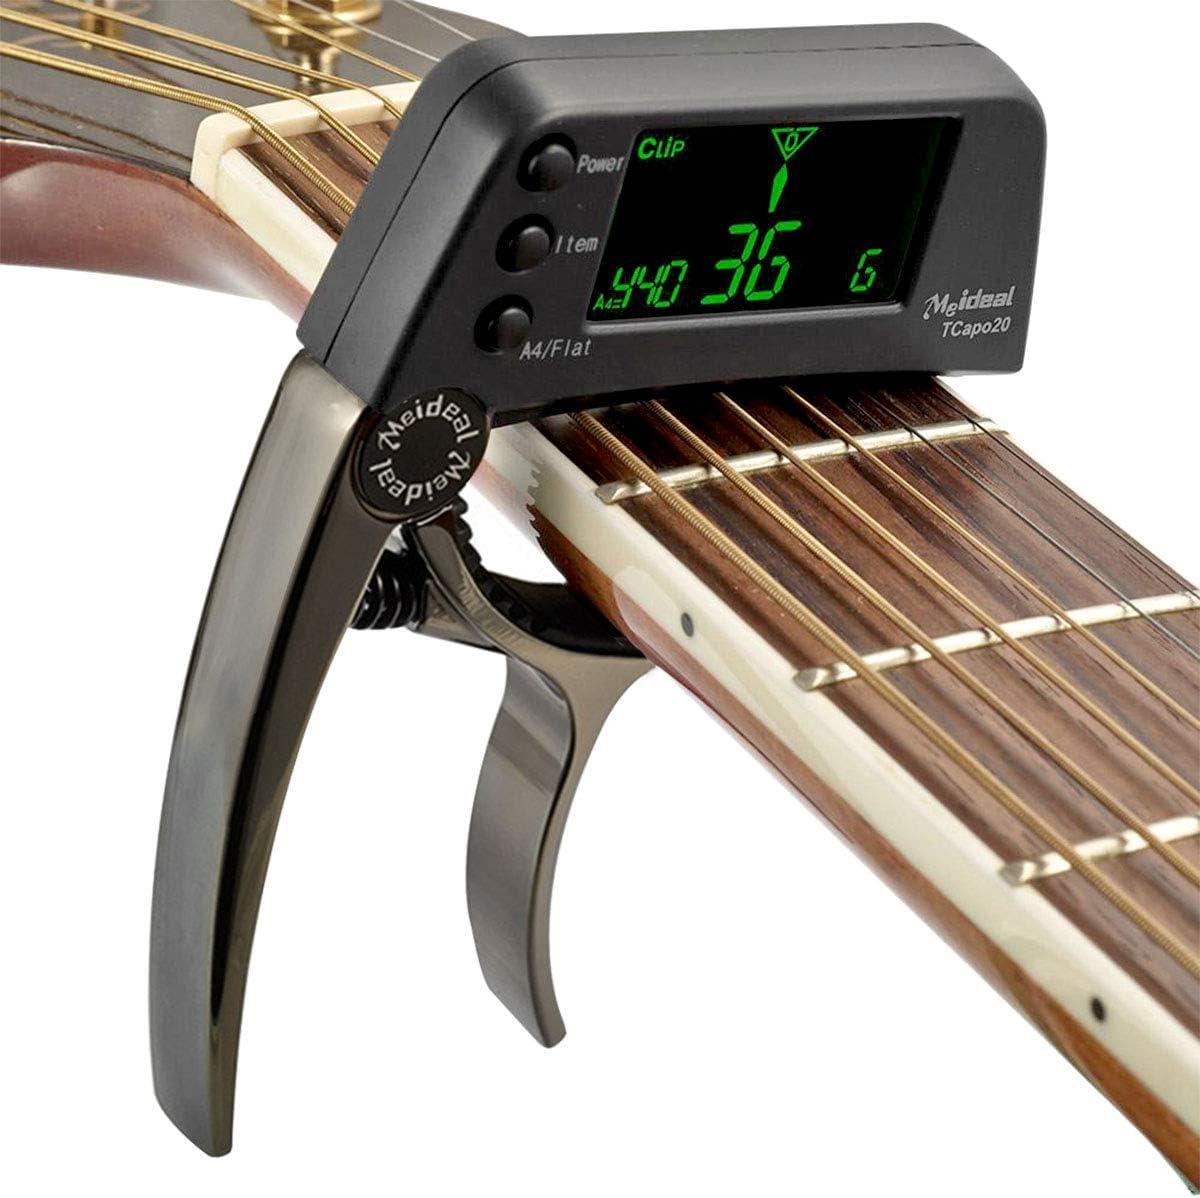 Afinador de guitarra Capo, 2 en 1 Afinador de guitarra Capo Afinador profesional de guitarra Capo con LCD digital cromático Afinador de guitarra para guitarra eléctrica acústica Bajo Violín Ukulele